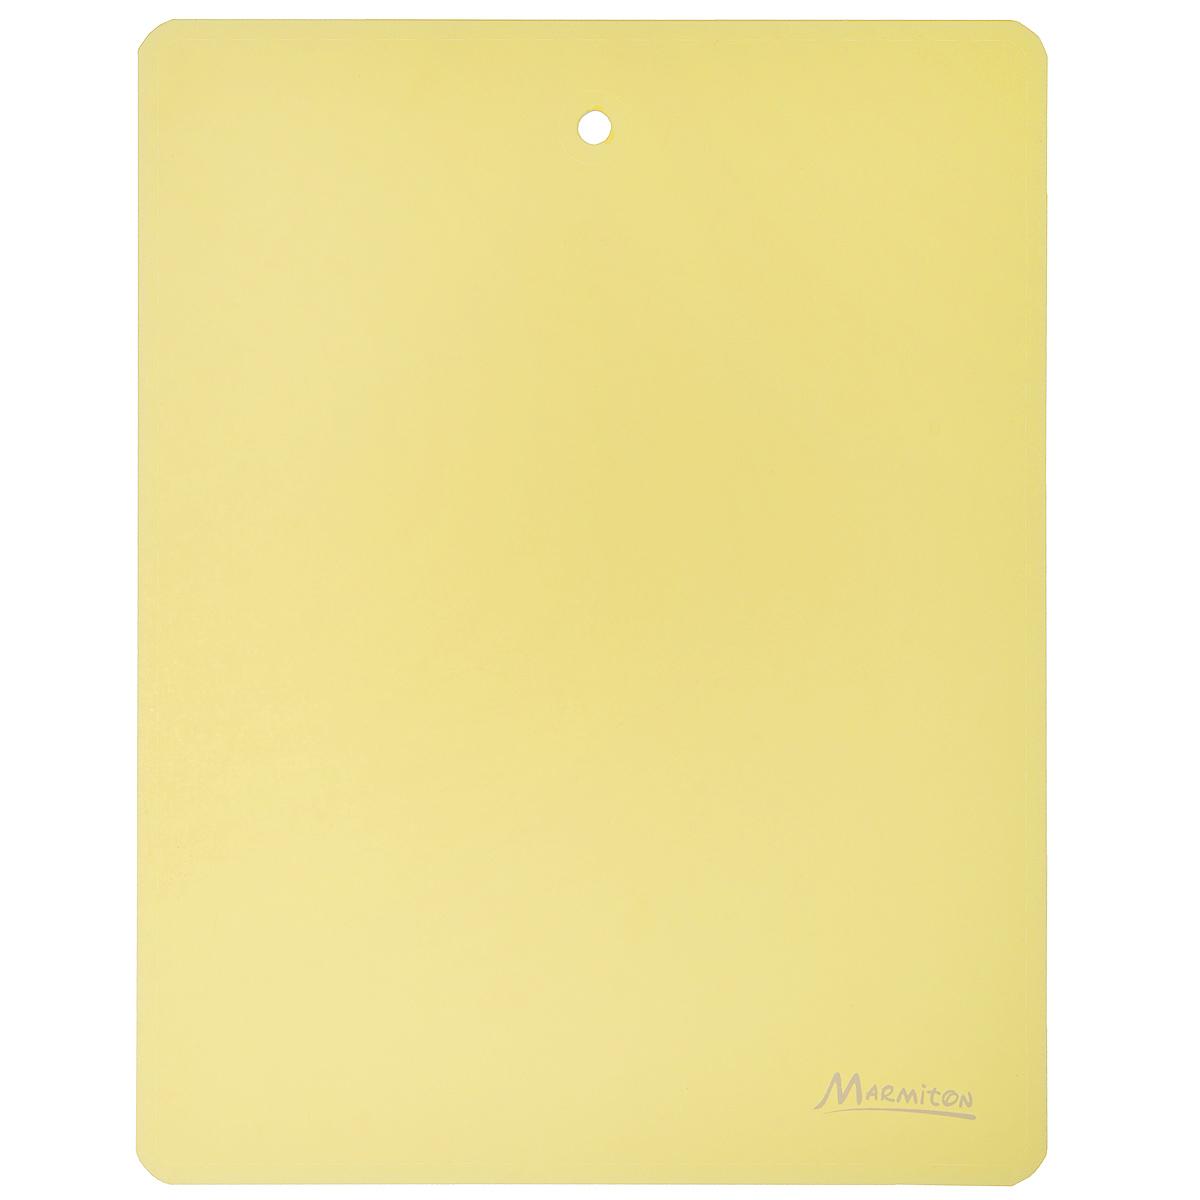 Доска разделочная Marmiton, гибкая, цвет: желтый, 28 см х 22 см доска разделочная marmiton птичий двор 17088